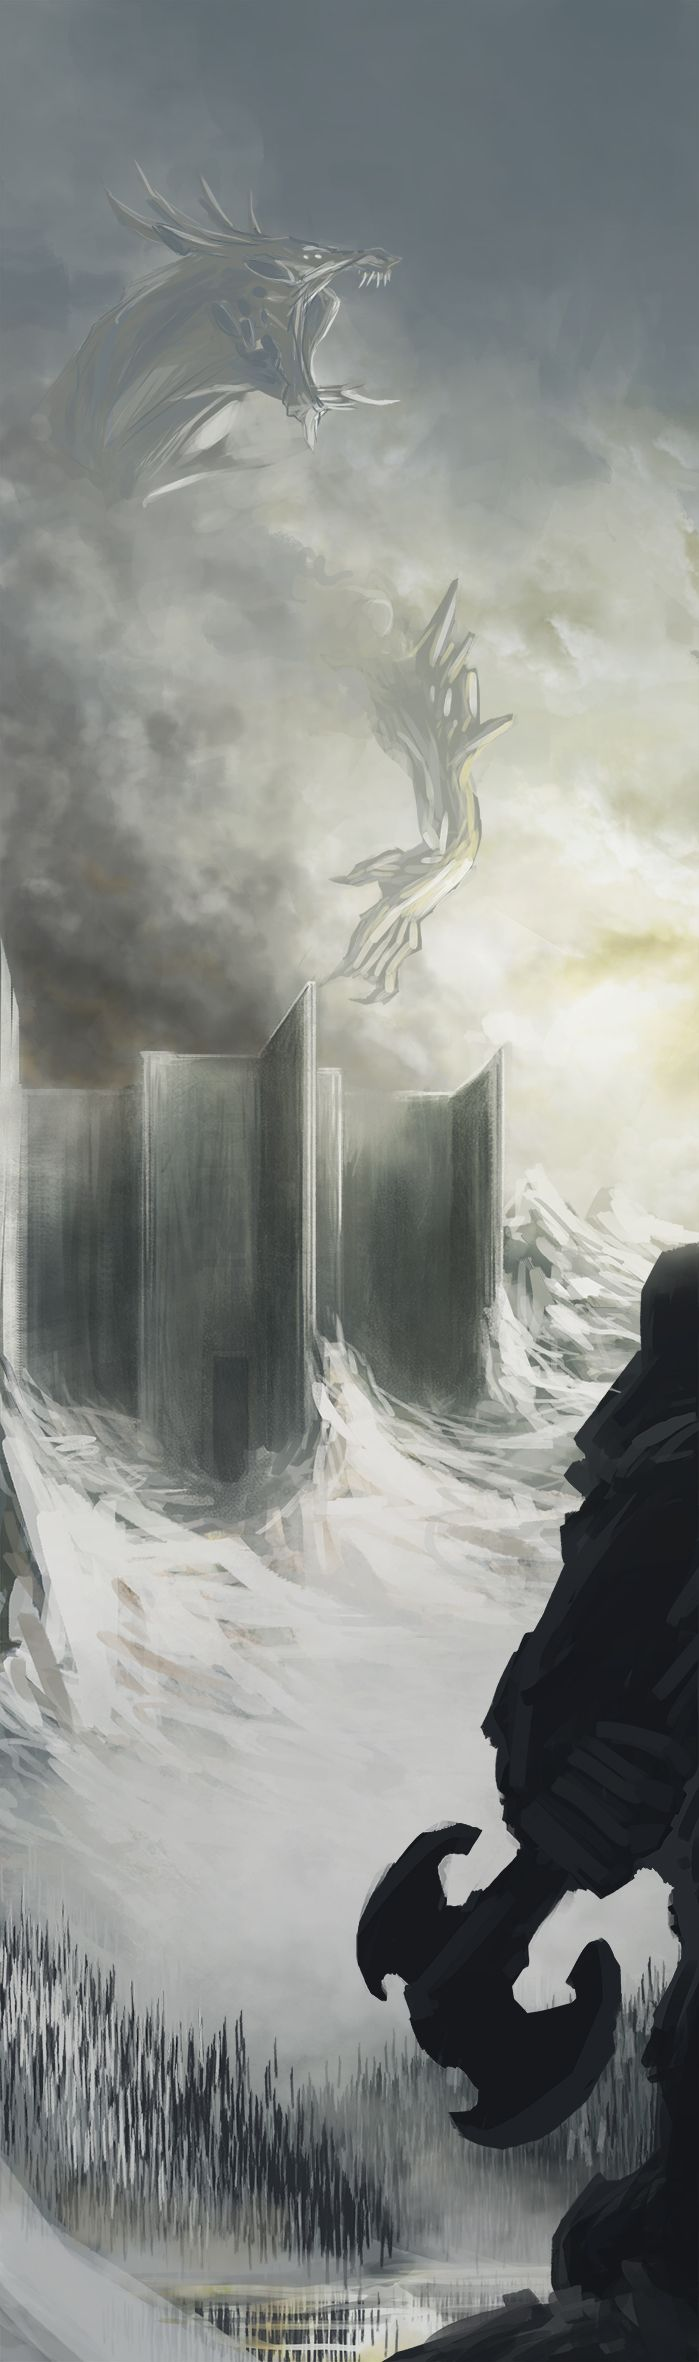 dwarf vs dragon!!!! digital by Emanuele Desiati